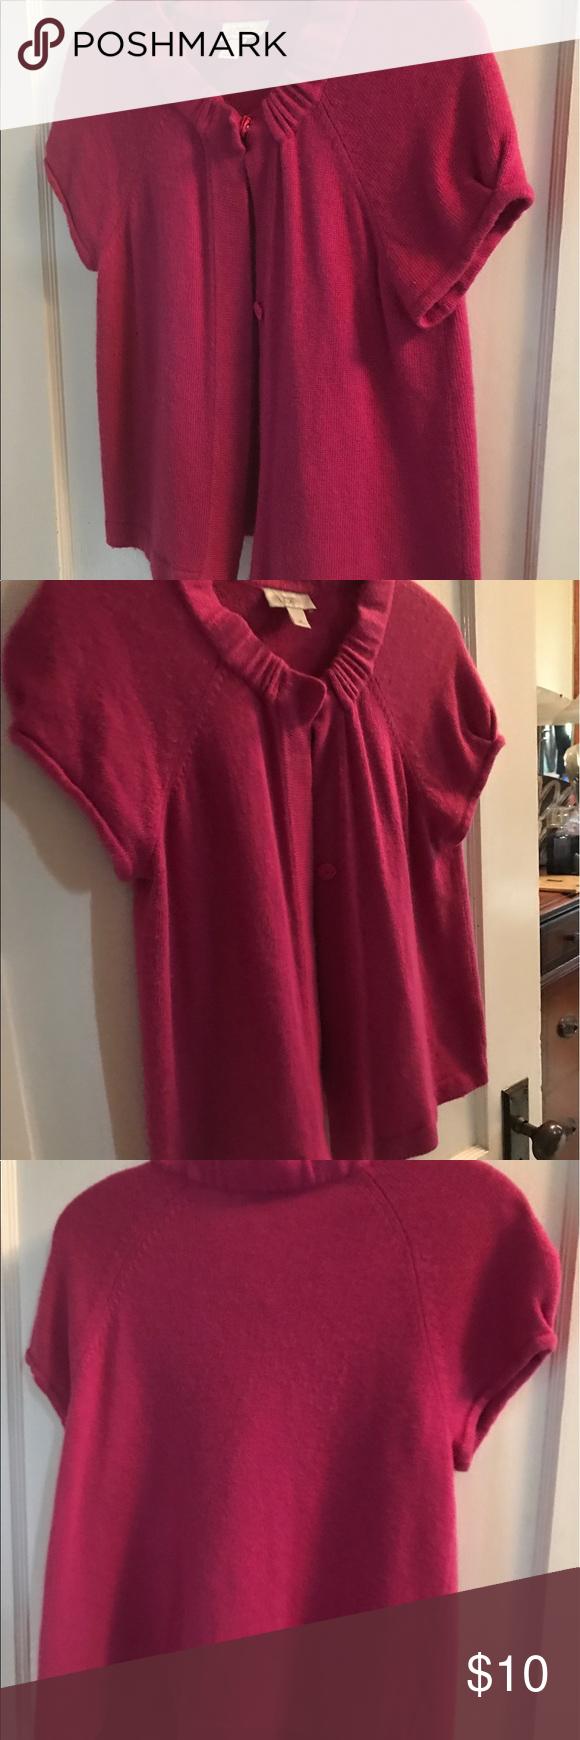 LOFT Short-sleeve Cardigan LOFT bright pink short-sleeve cardigan ...